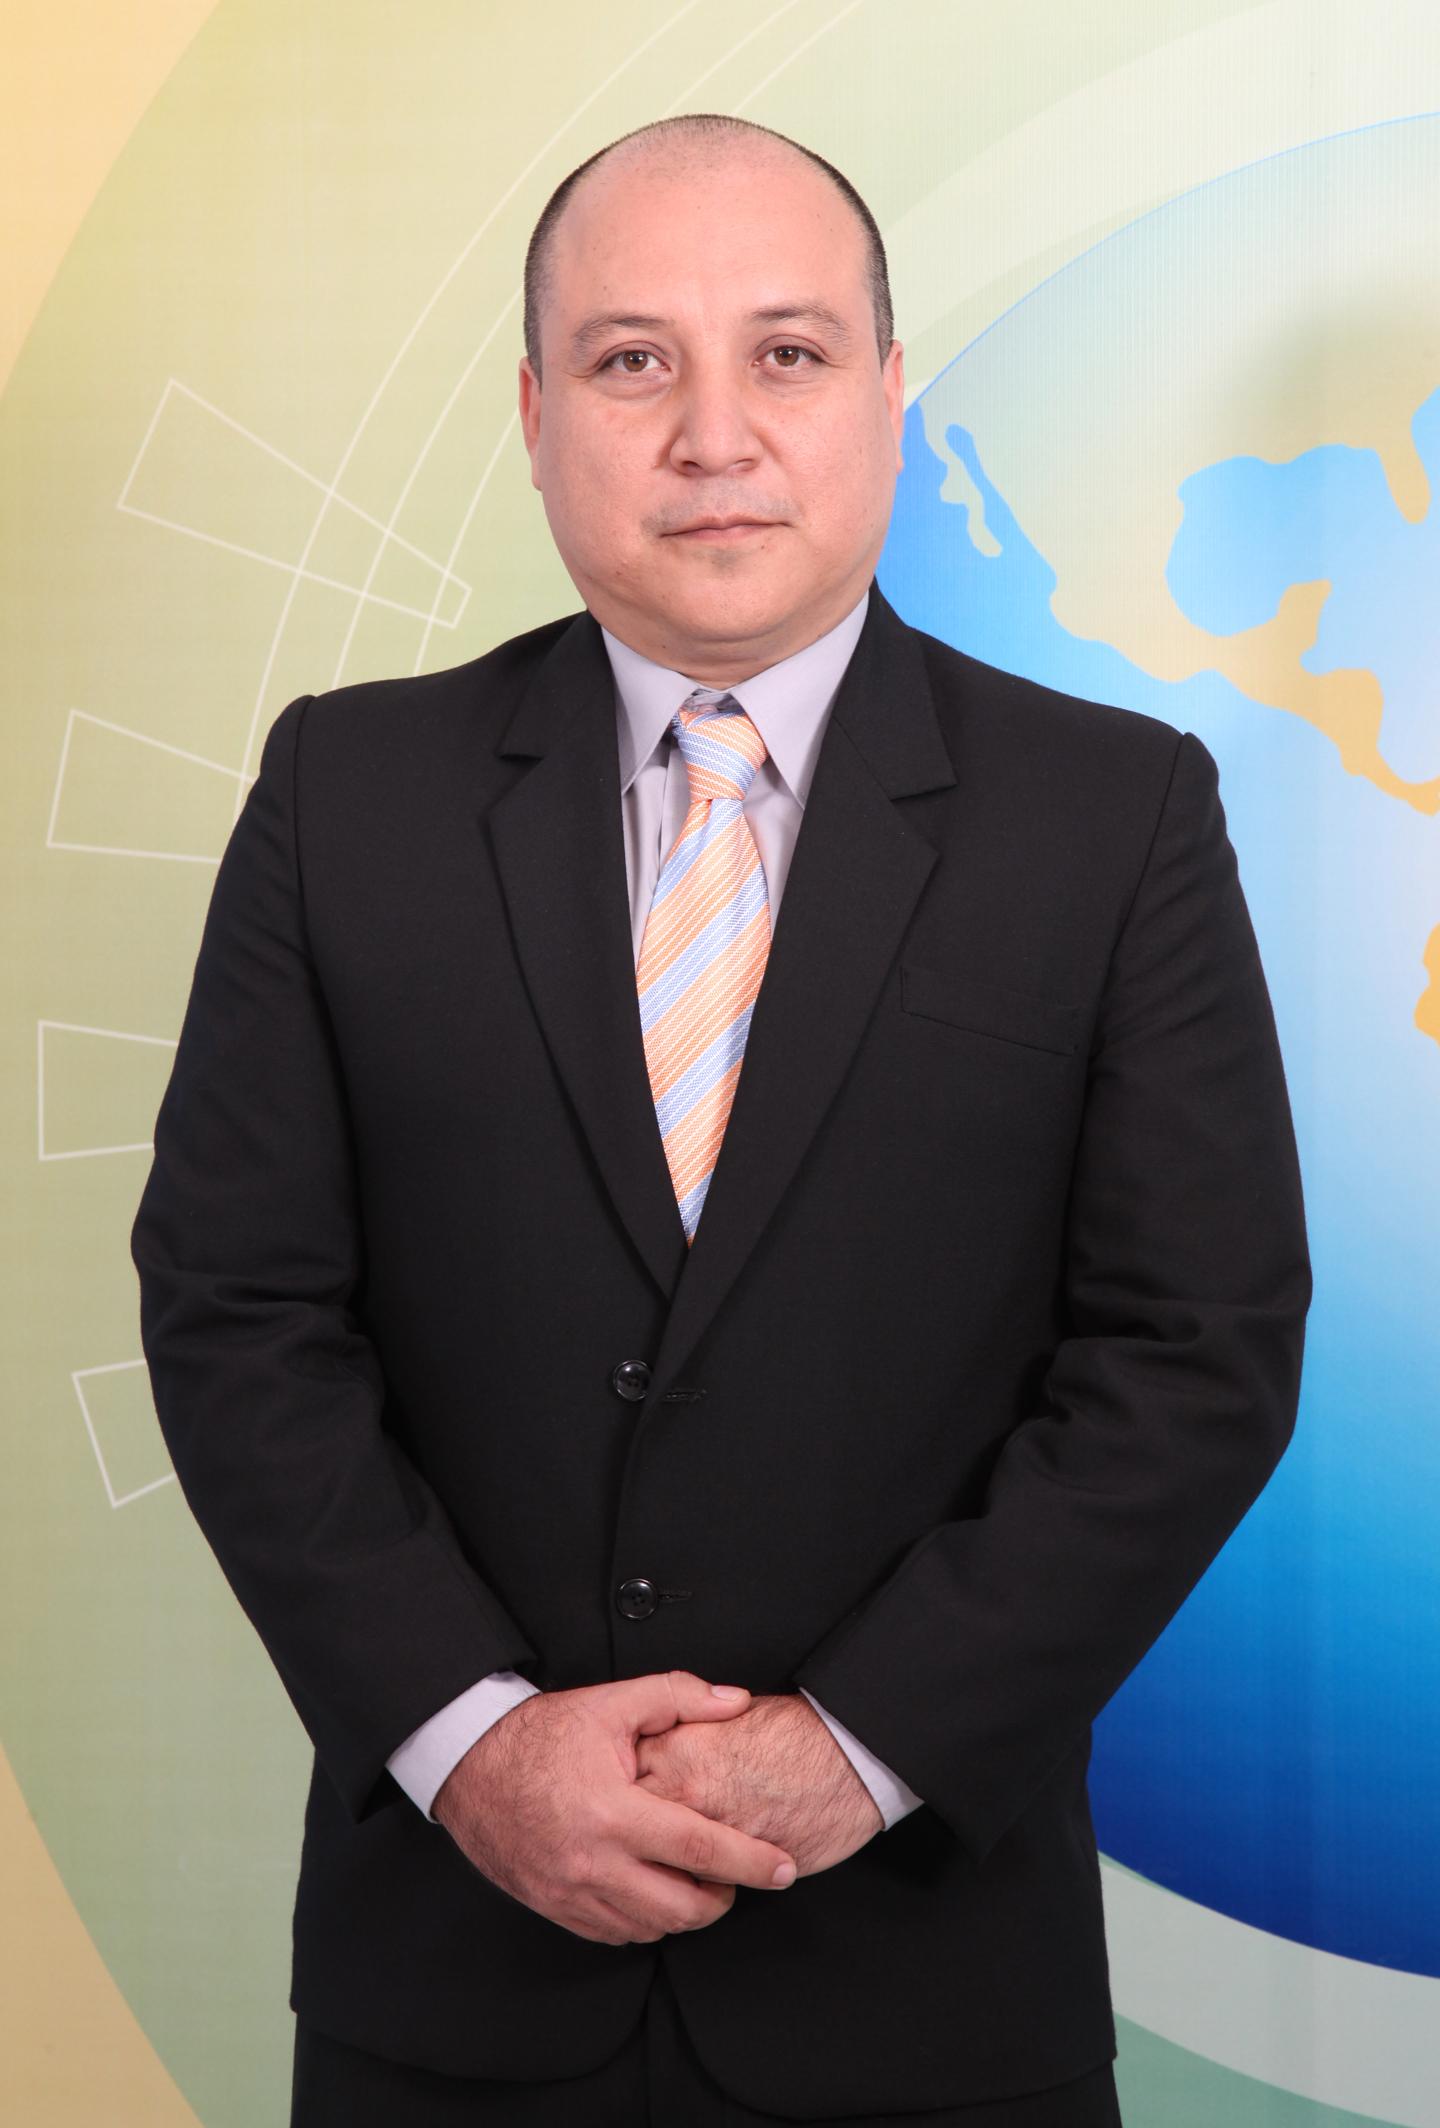 Carlos Plaza Jordán